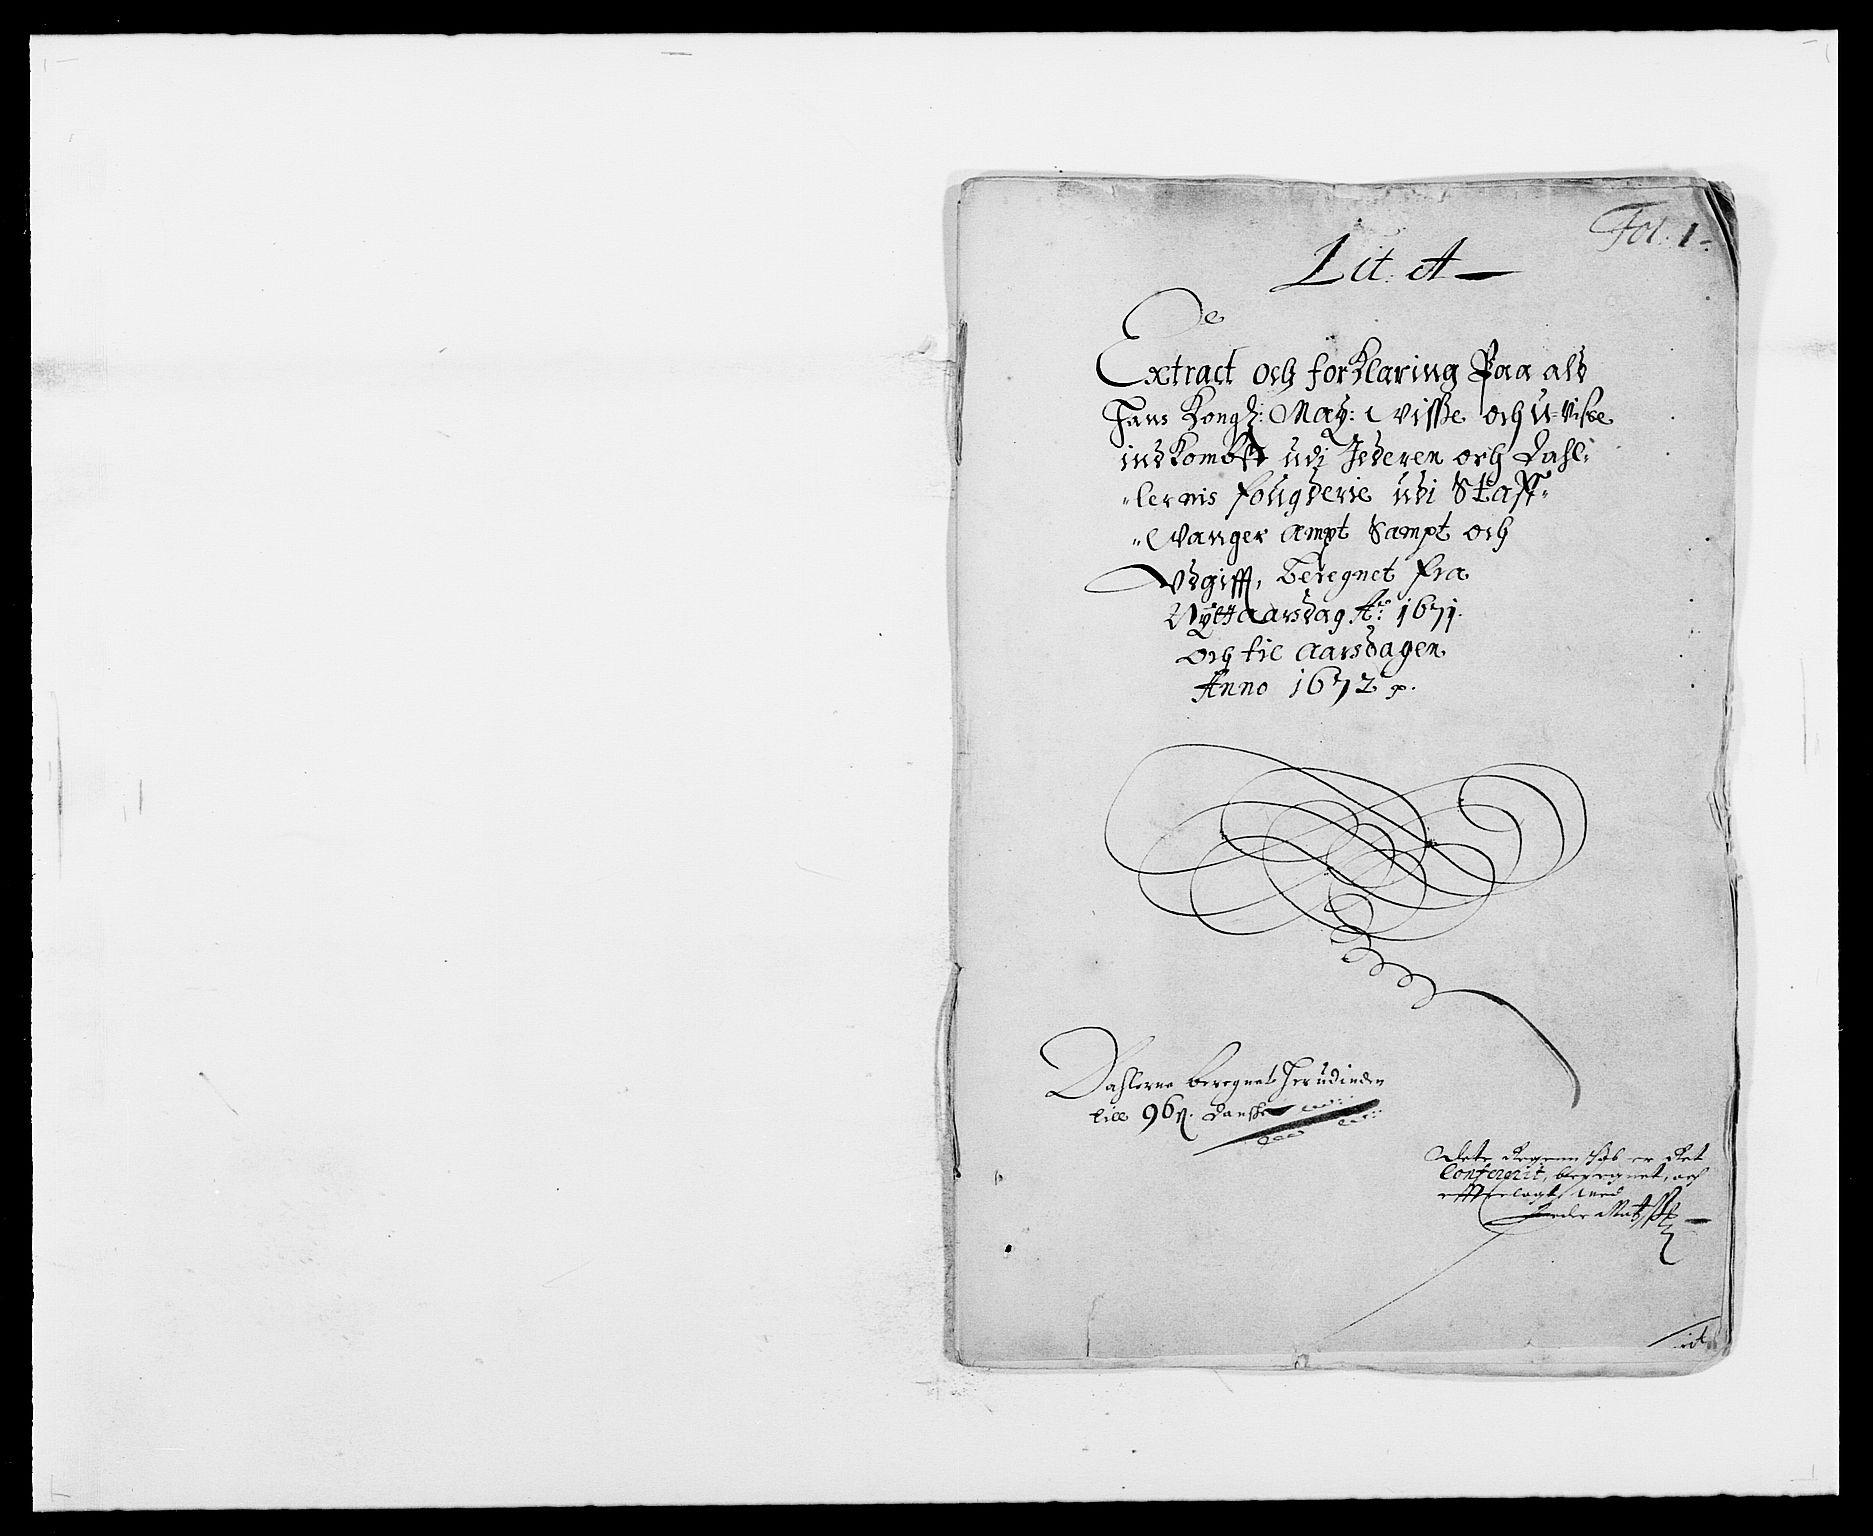 RA, Rentekammeret inntil 1814, Reviderte regnskaper, Fogderegnskap, R46/L2713: Fogderegnskap Jæren og Dalane, 1671-1672, s. 1